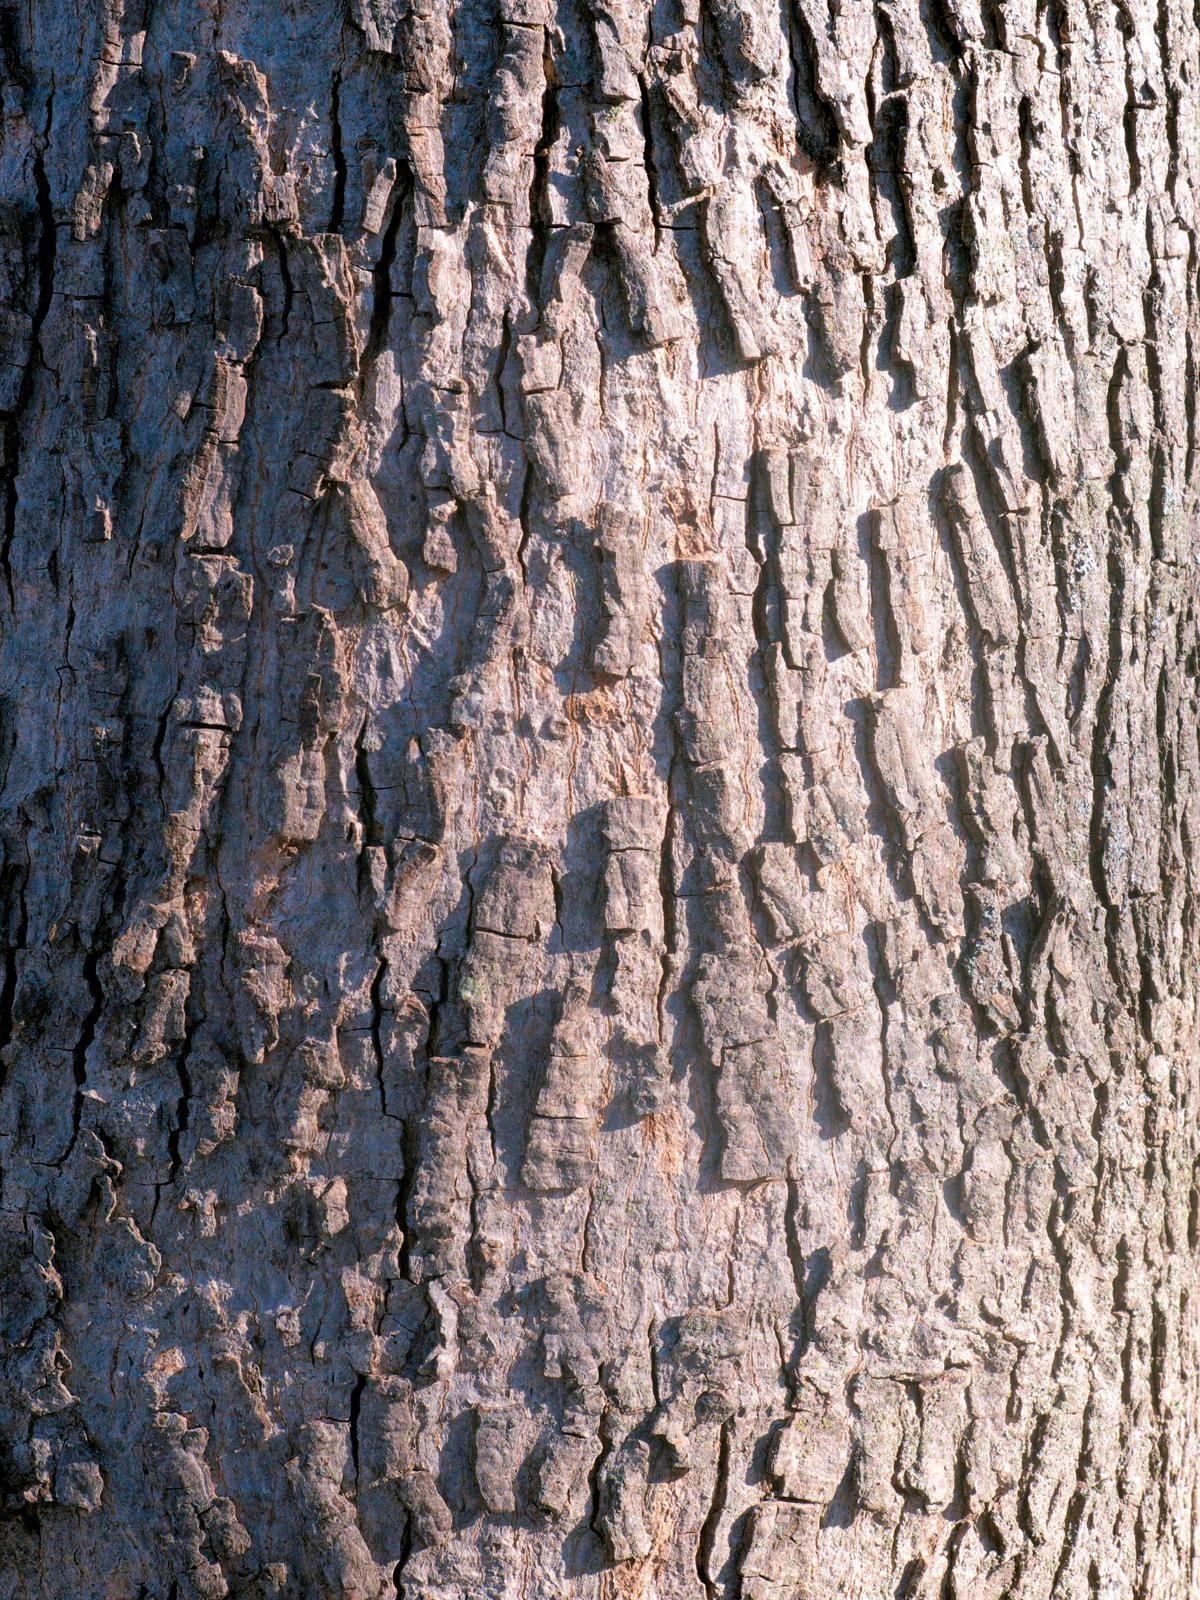 Hickory Tree Identification Hickory tree, Tree